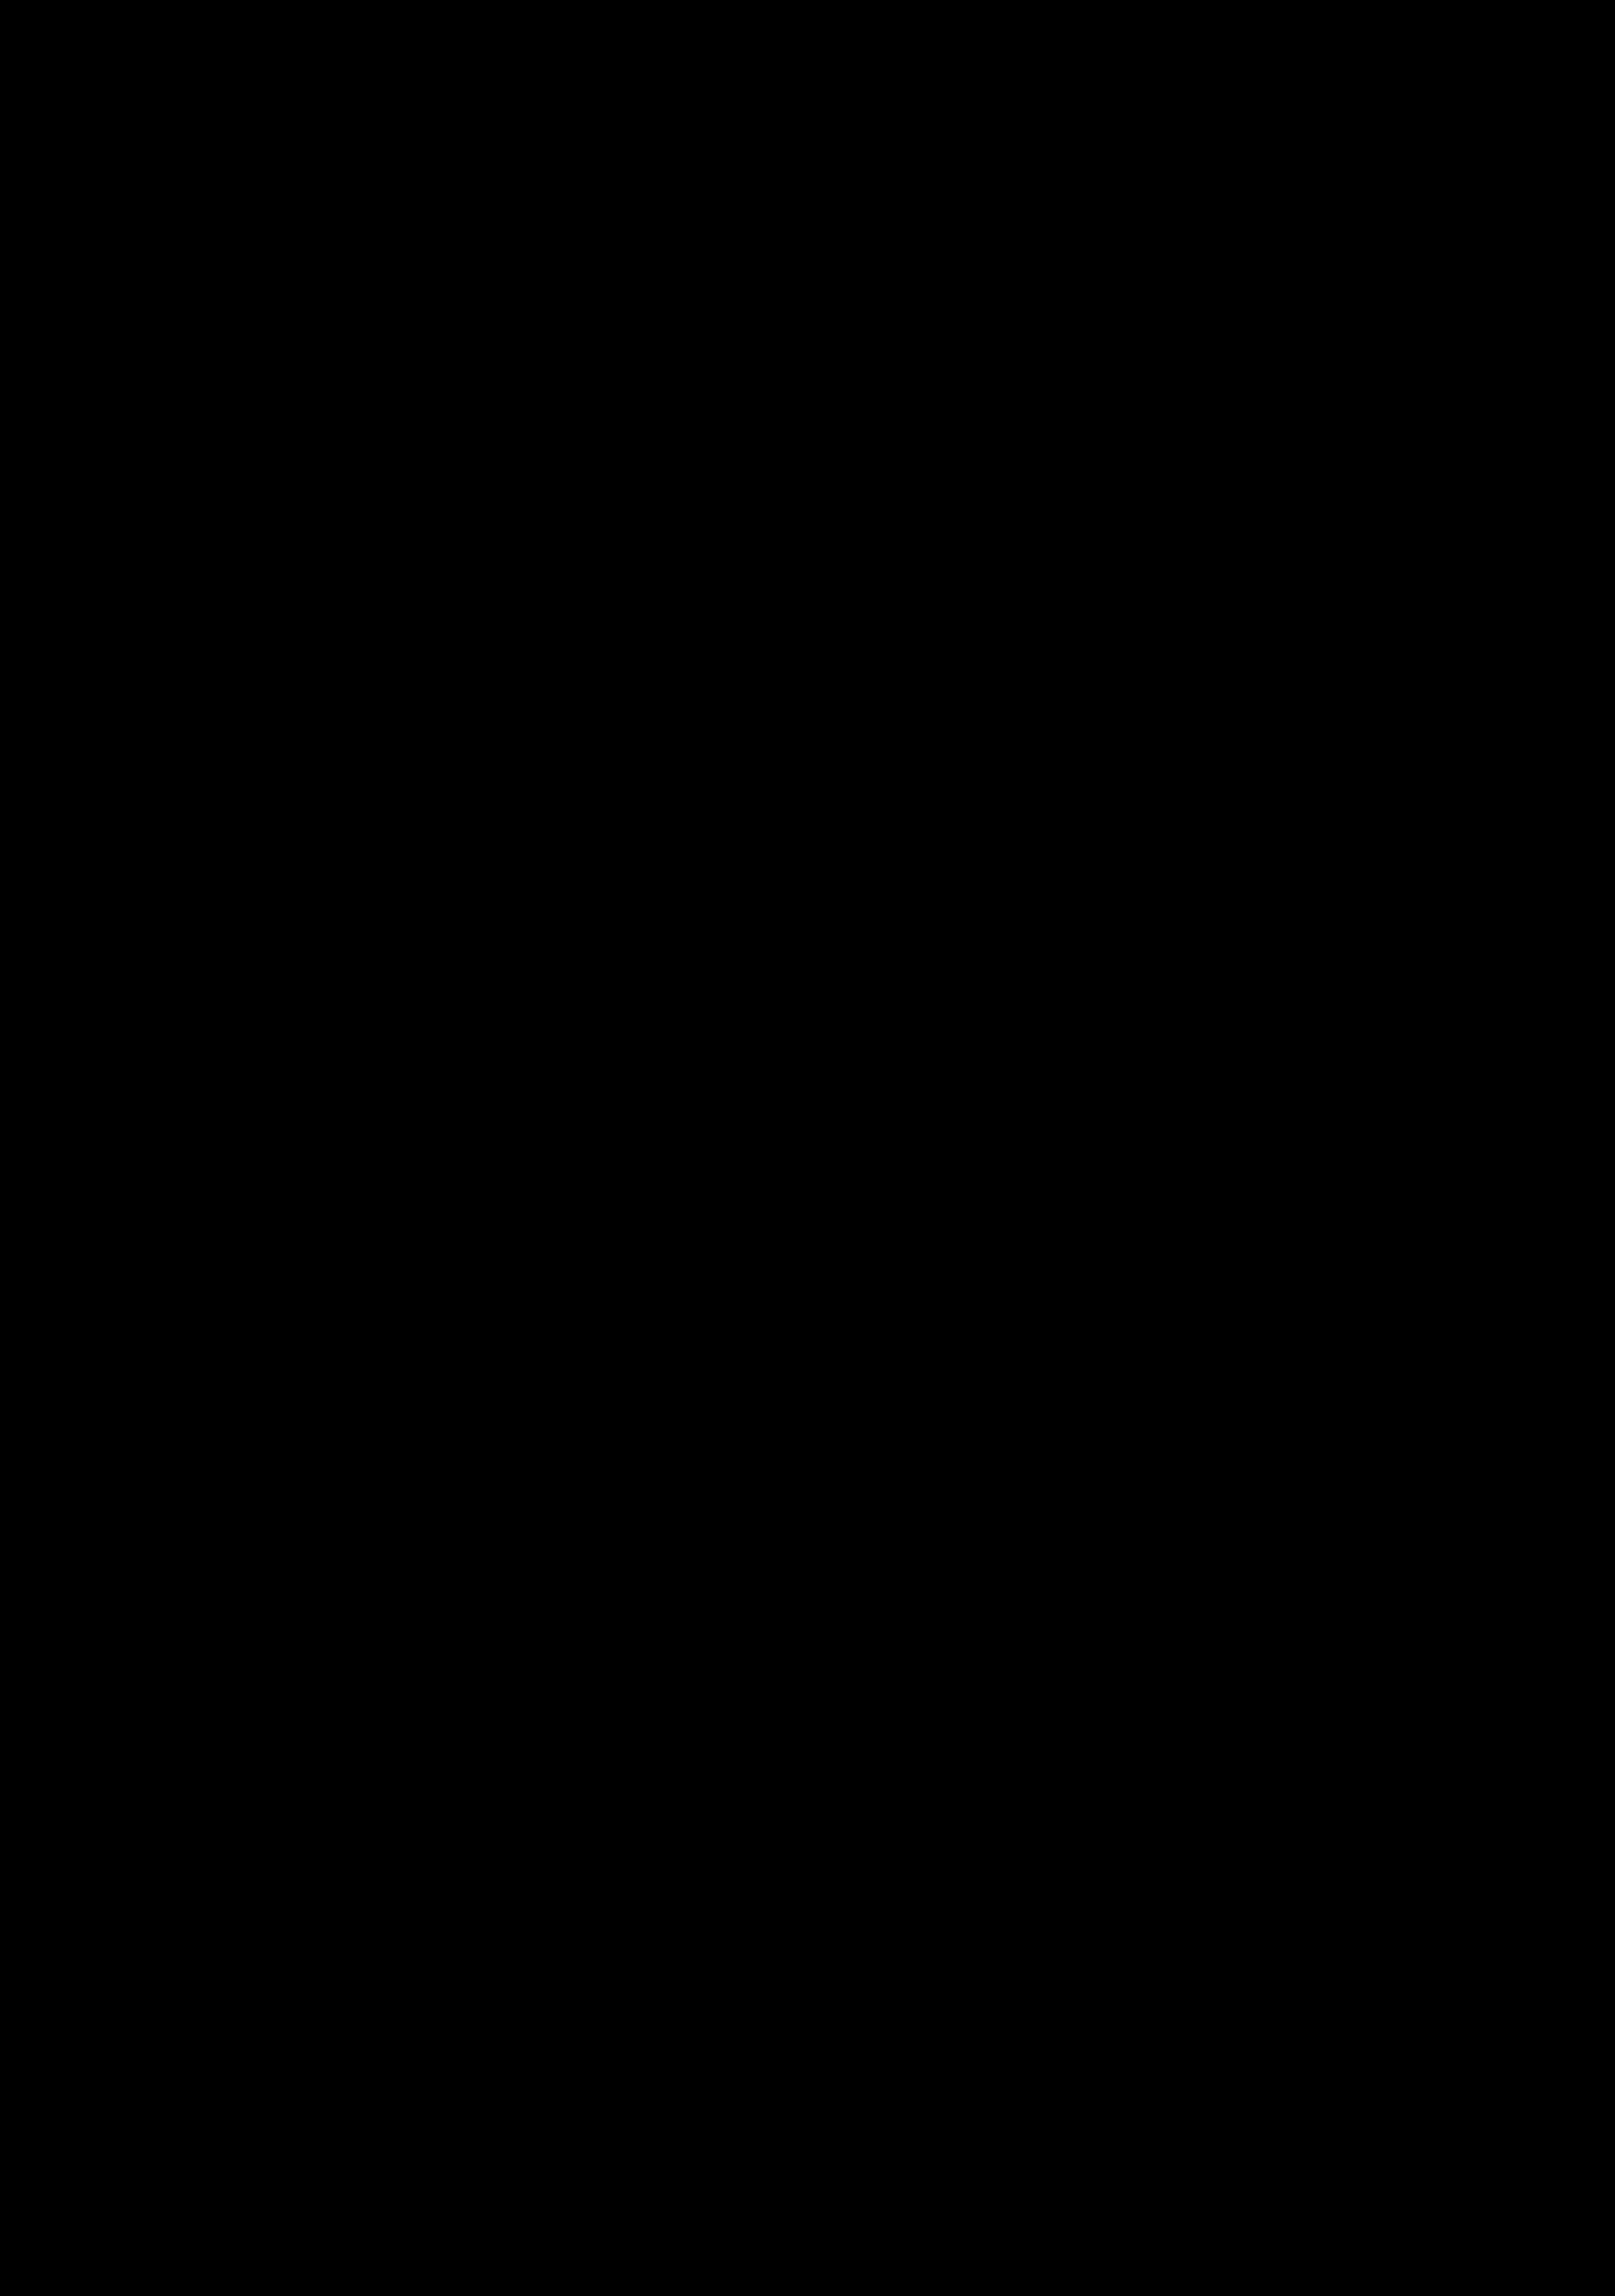 Chimica generale - esercitazione Pag. 6